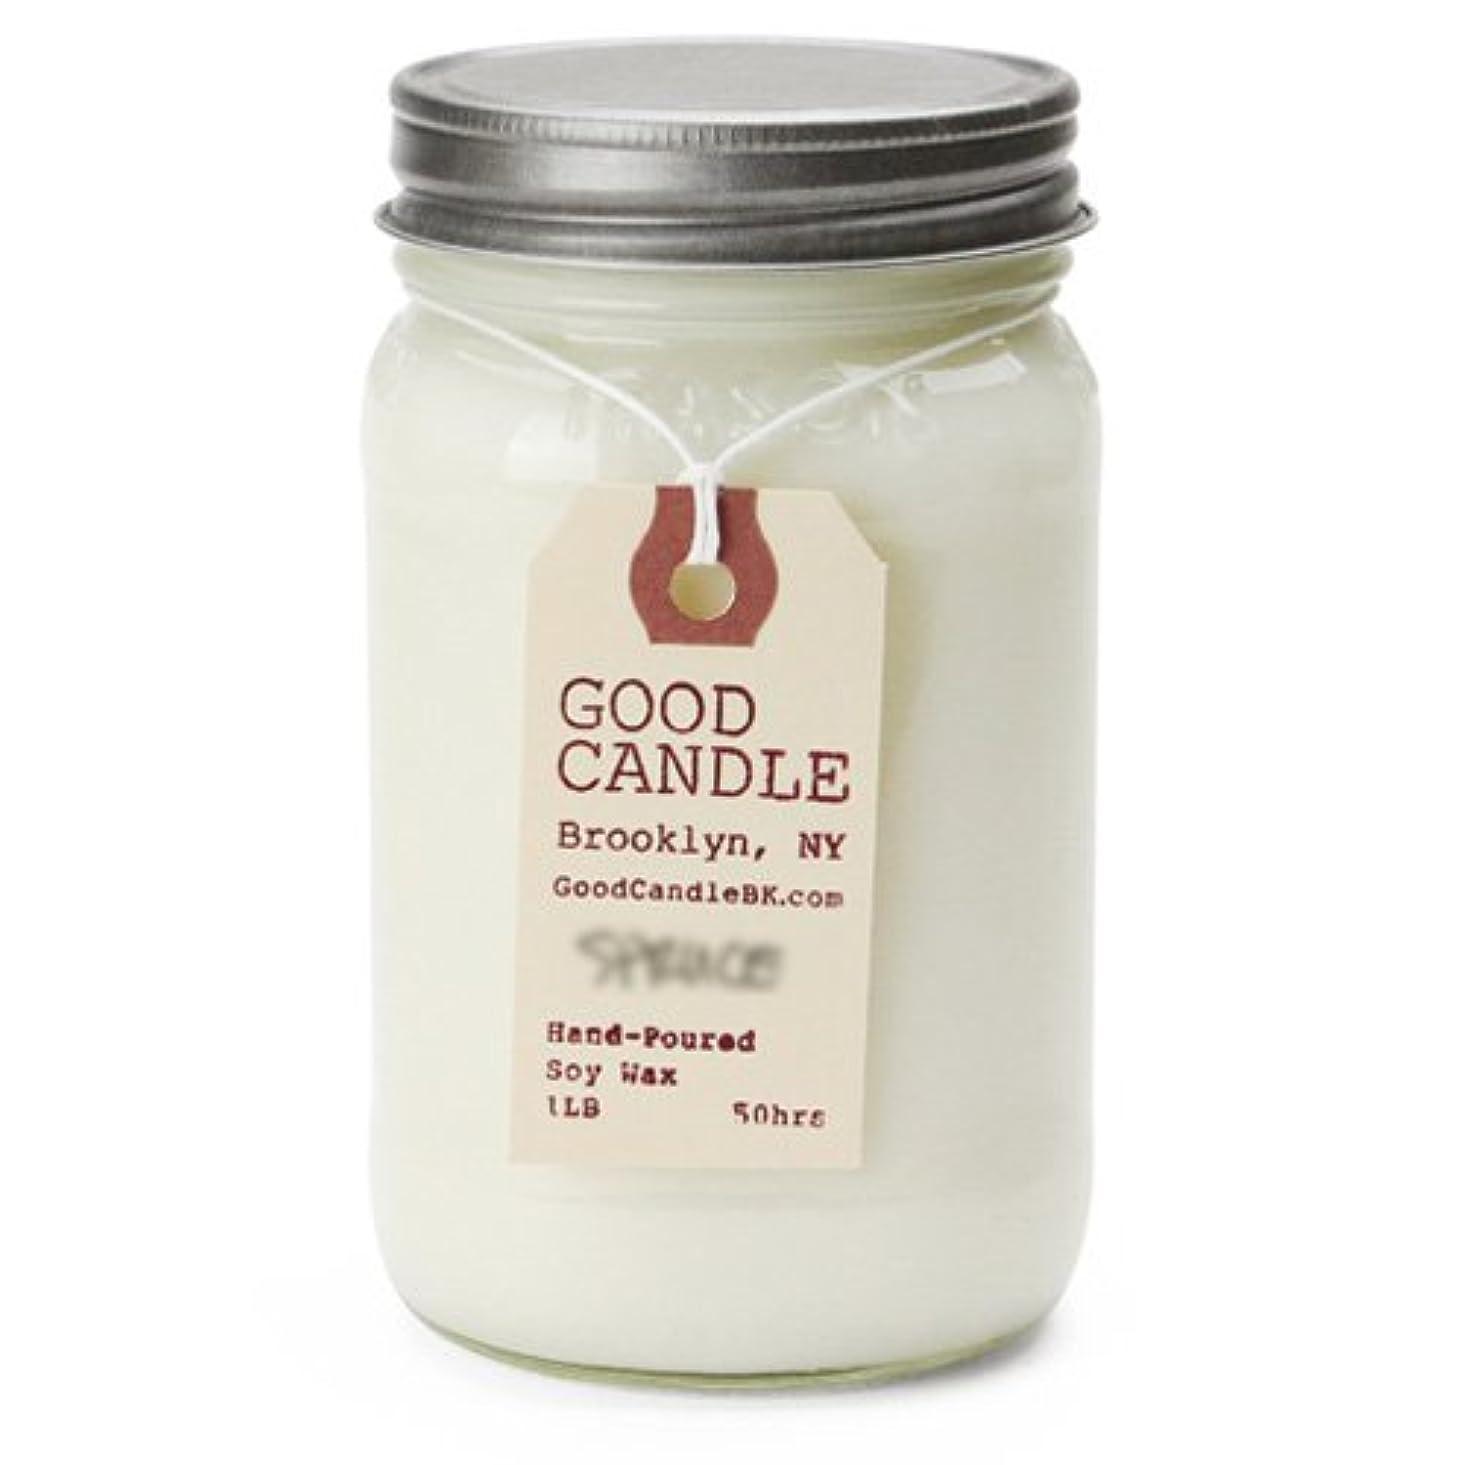 妖精ジョブ告発グッドキャンドル 1ポンド メイソンジャー キャンドル Good Candle 1LB Mason jar candle [ Rose ] 正規品